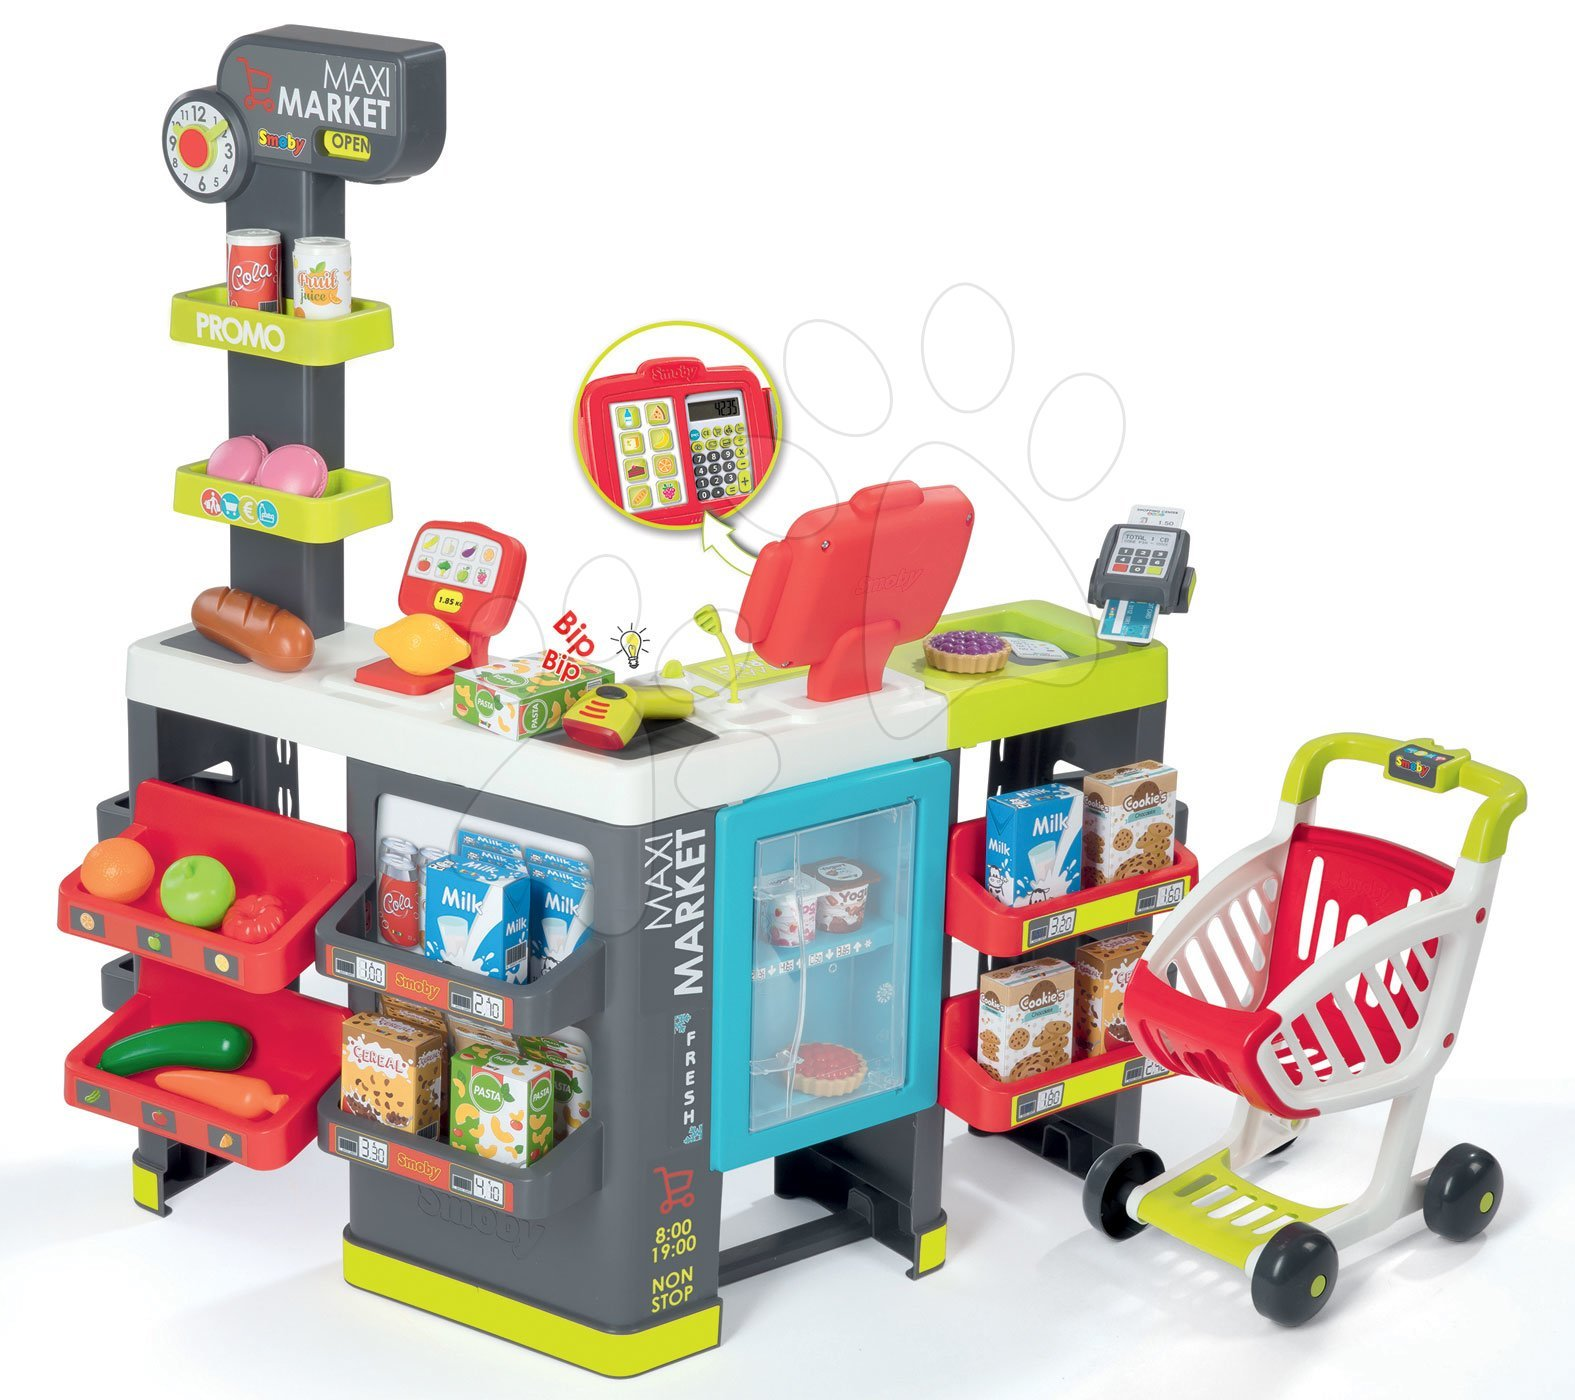 Obchody pre deti - Obchod zmiešaný tovar Maxi Market Smoby s chladničkou elektronickou pokladňou a skenerom s 50 doplnkami